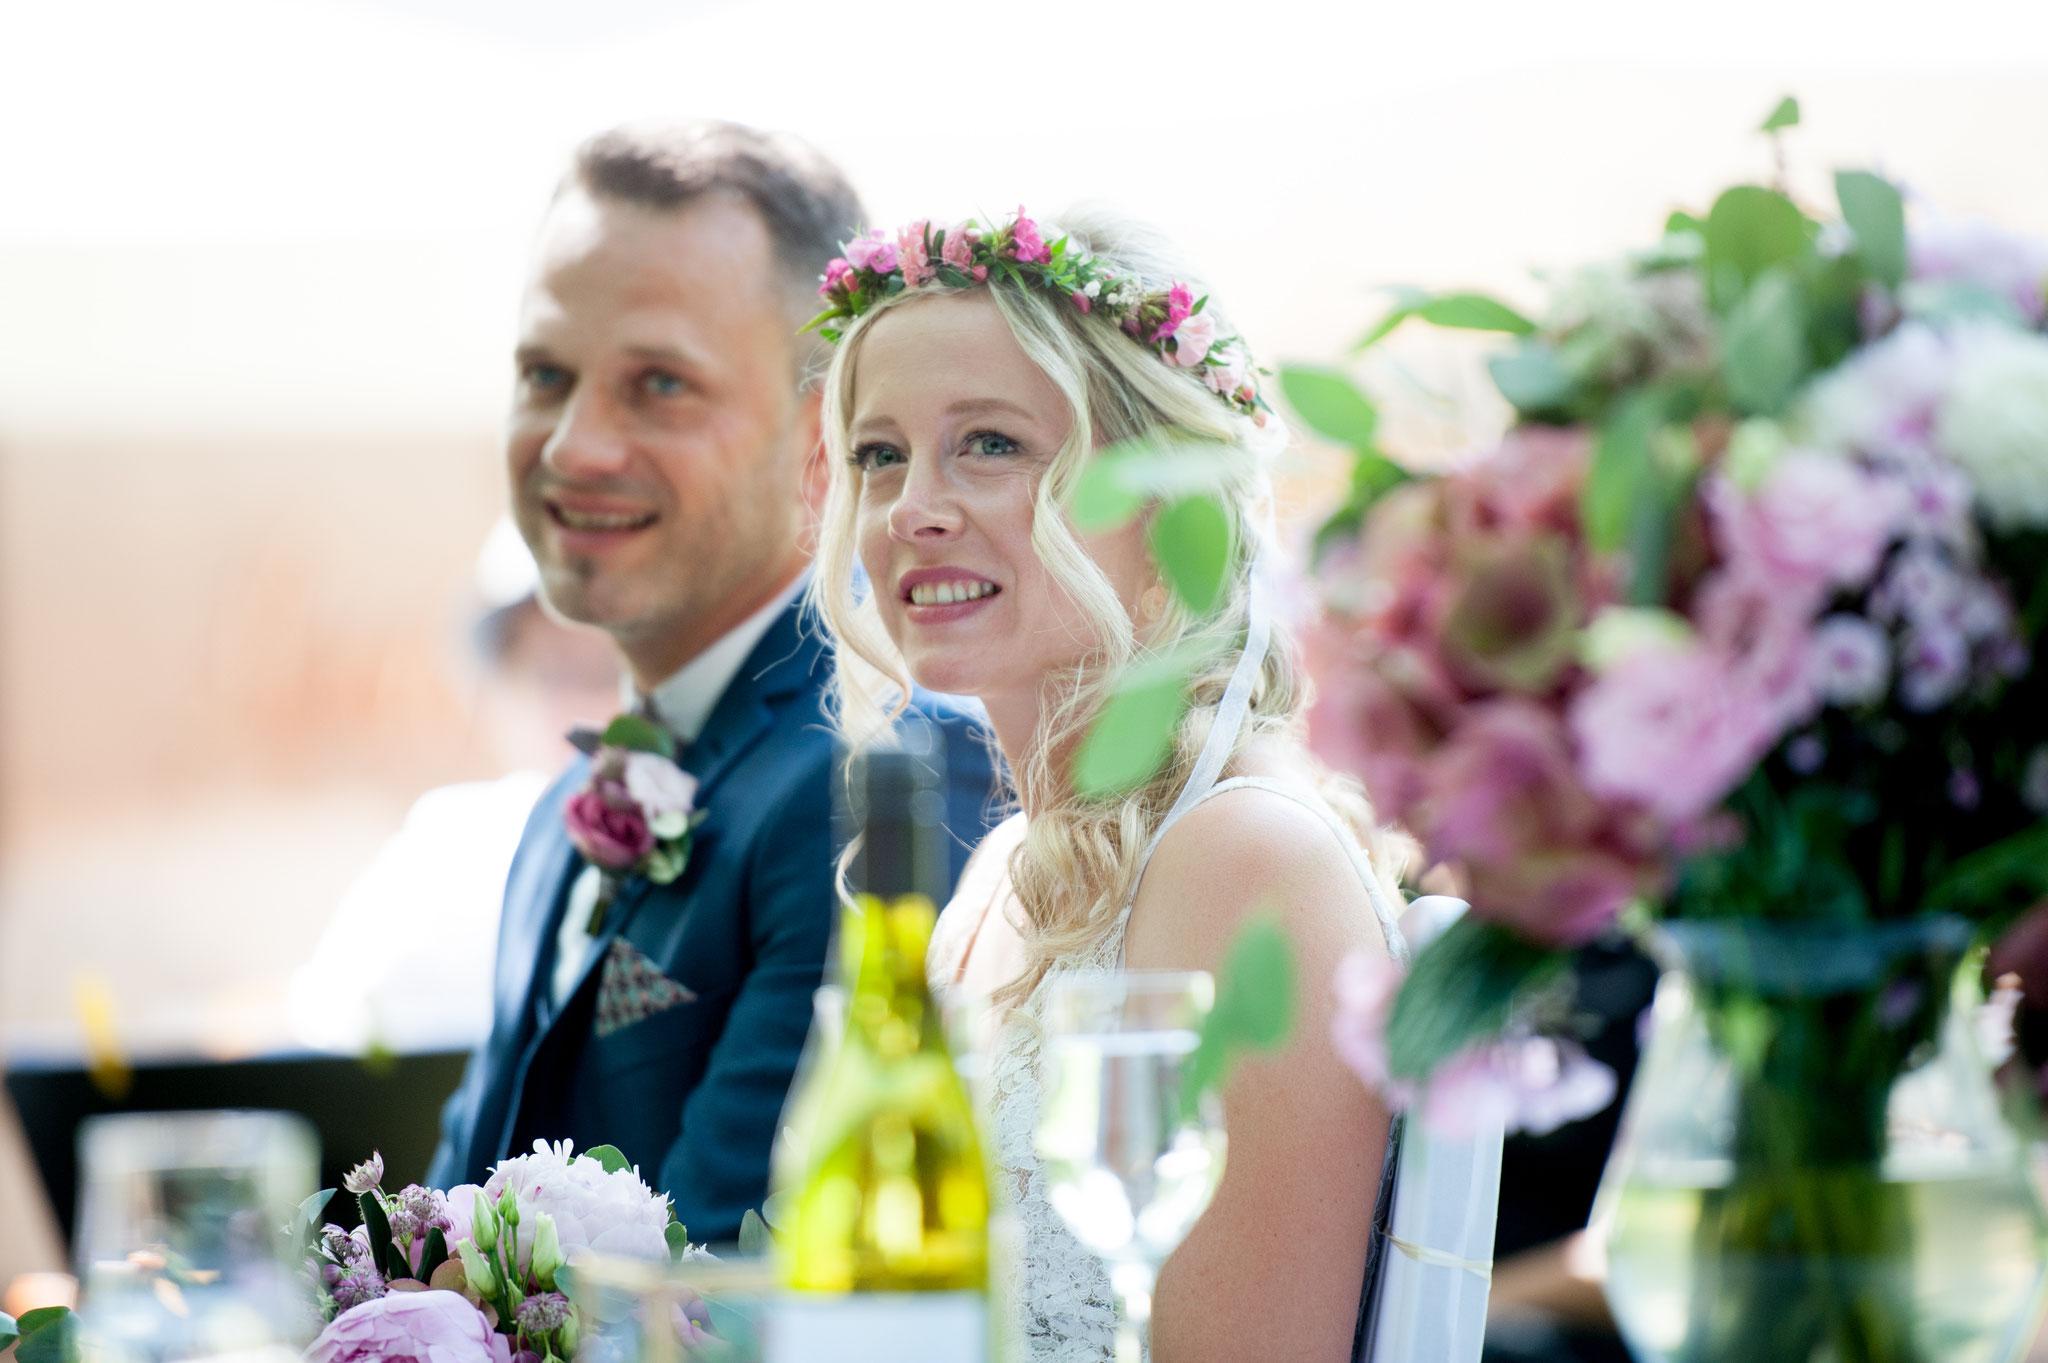 Heidi & Veli lauschen gespannt ihrer Hochzeitsrede (Foto: Gabor Szeiler)